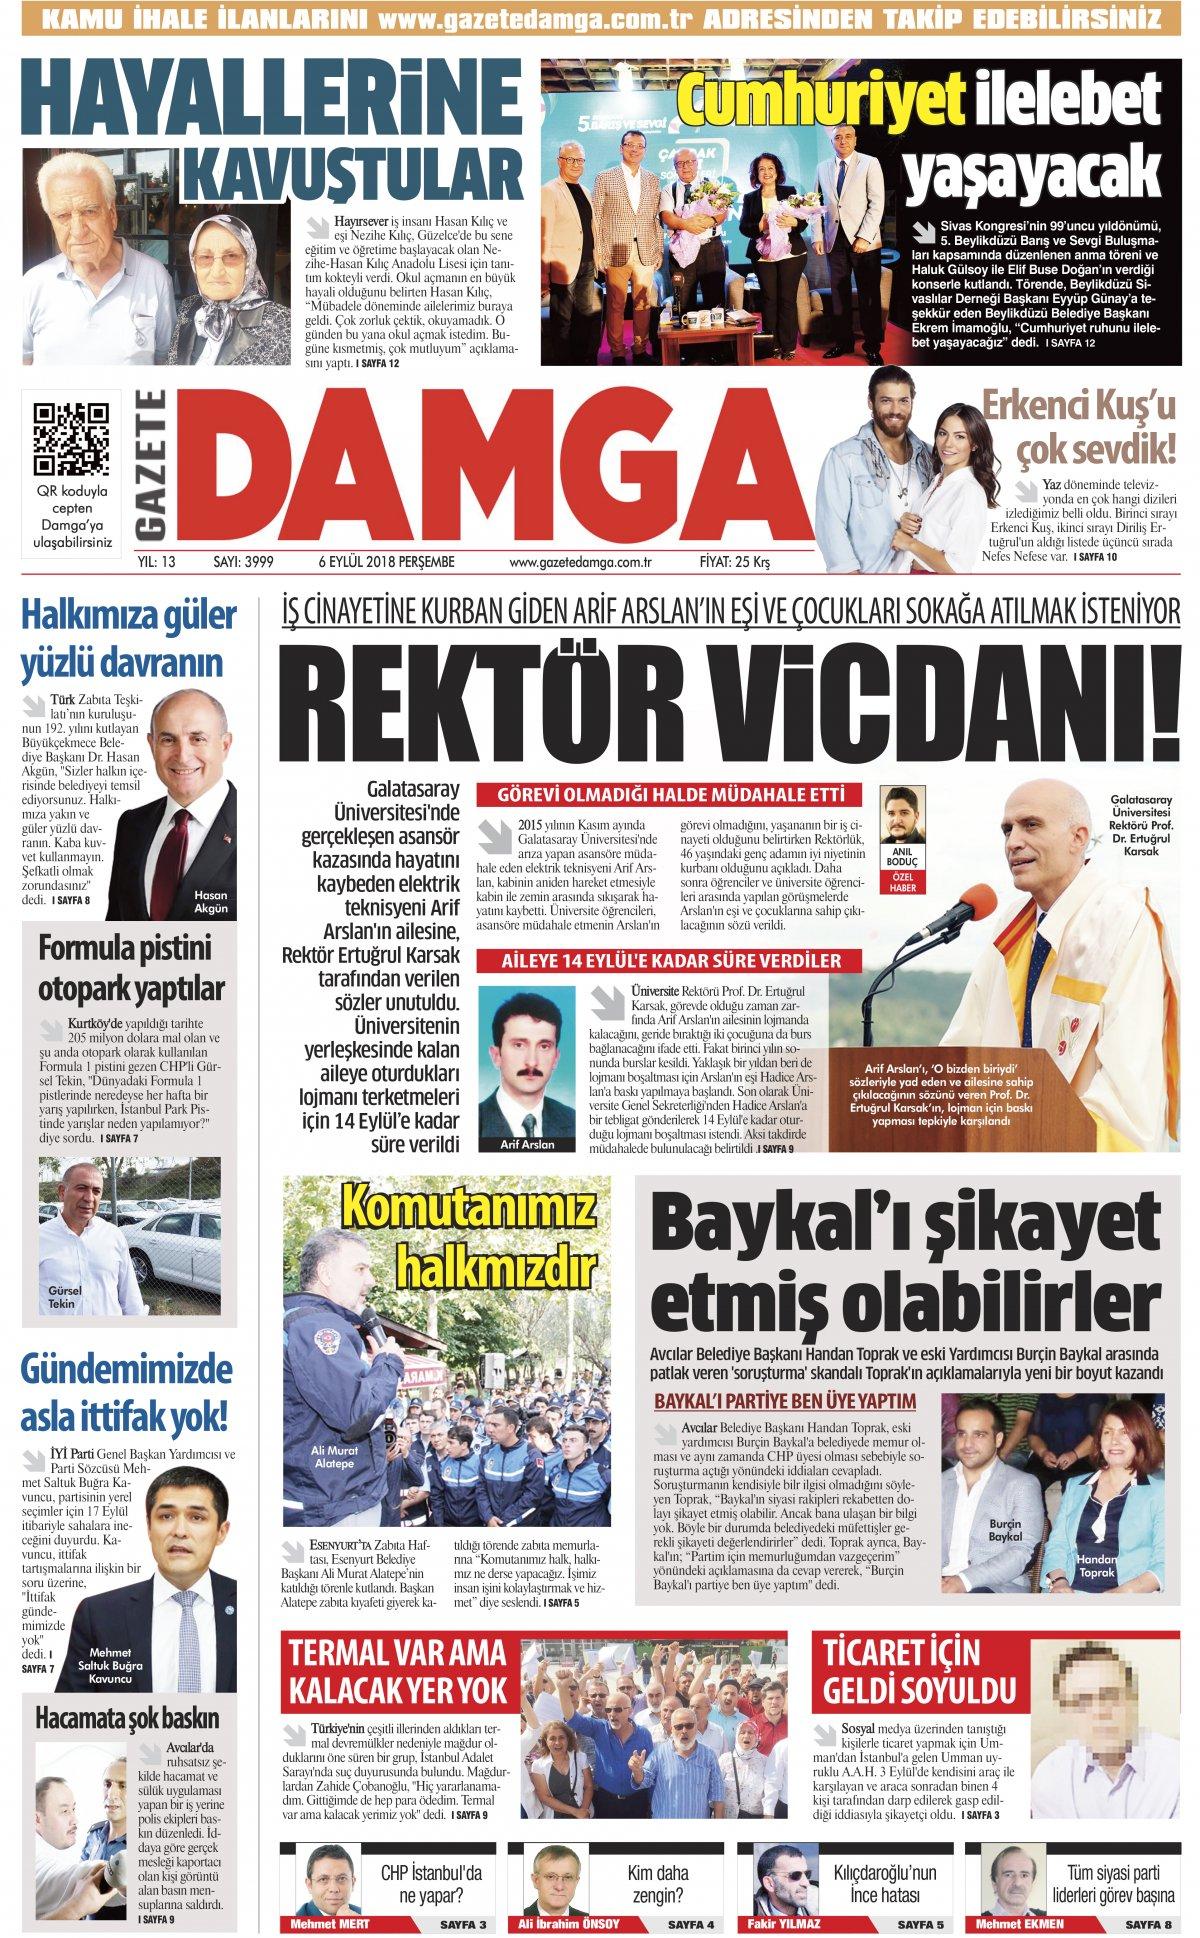 Gazete Damga - 06.09.2018 Manşeti